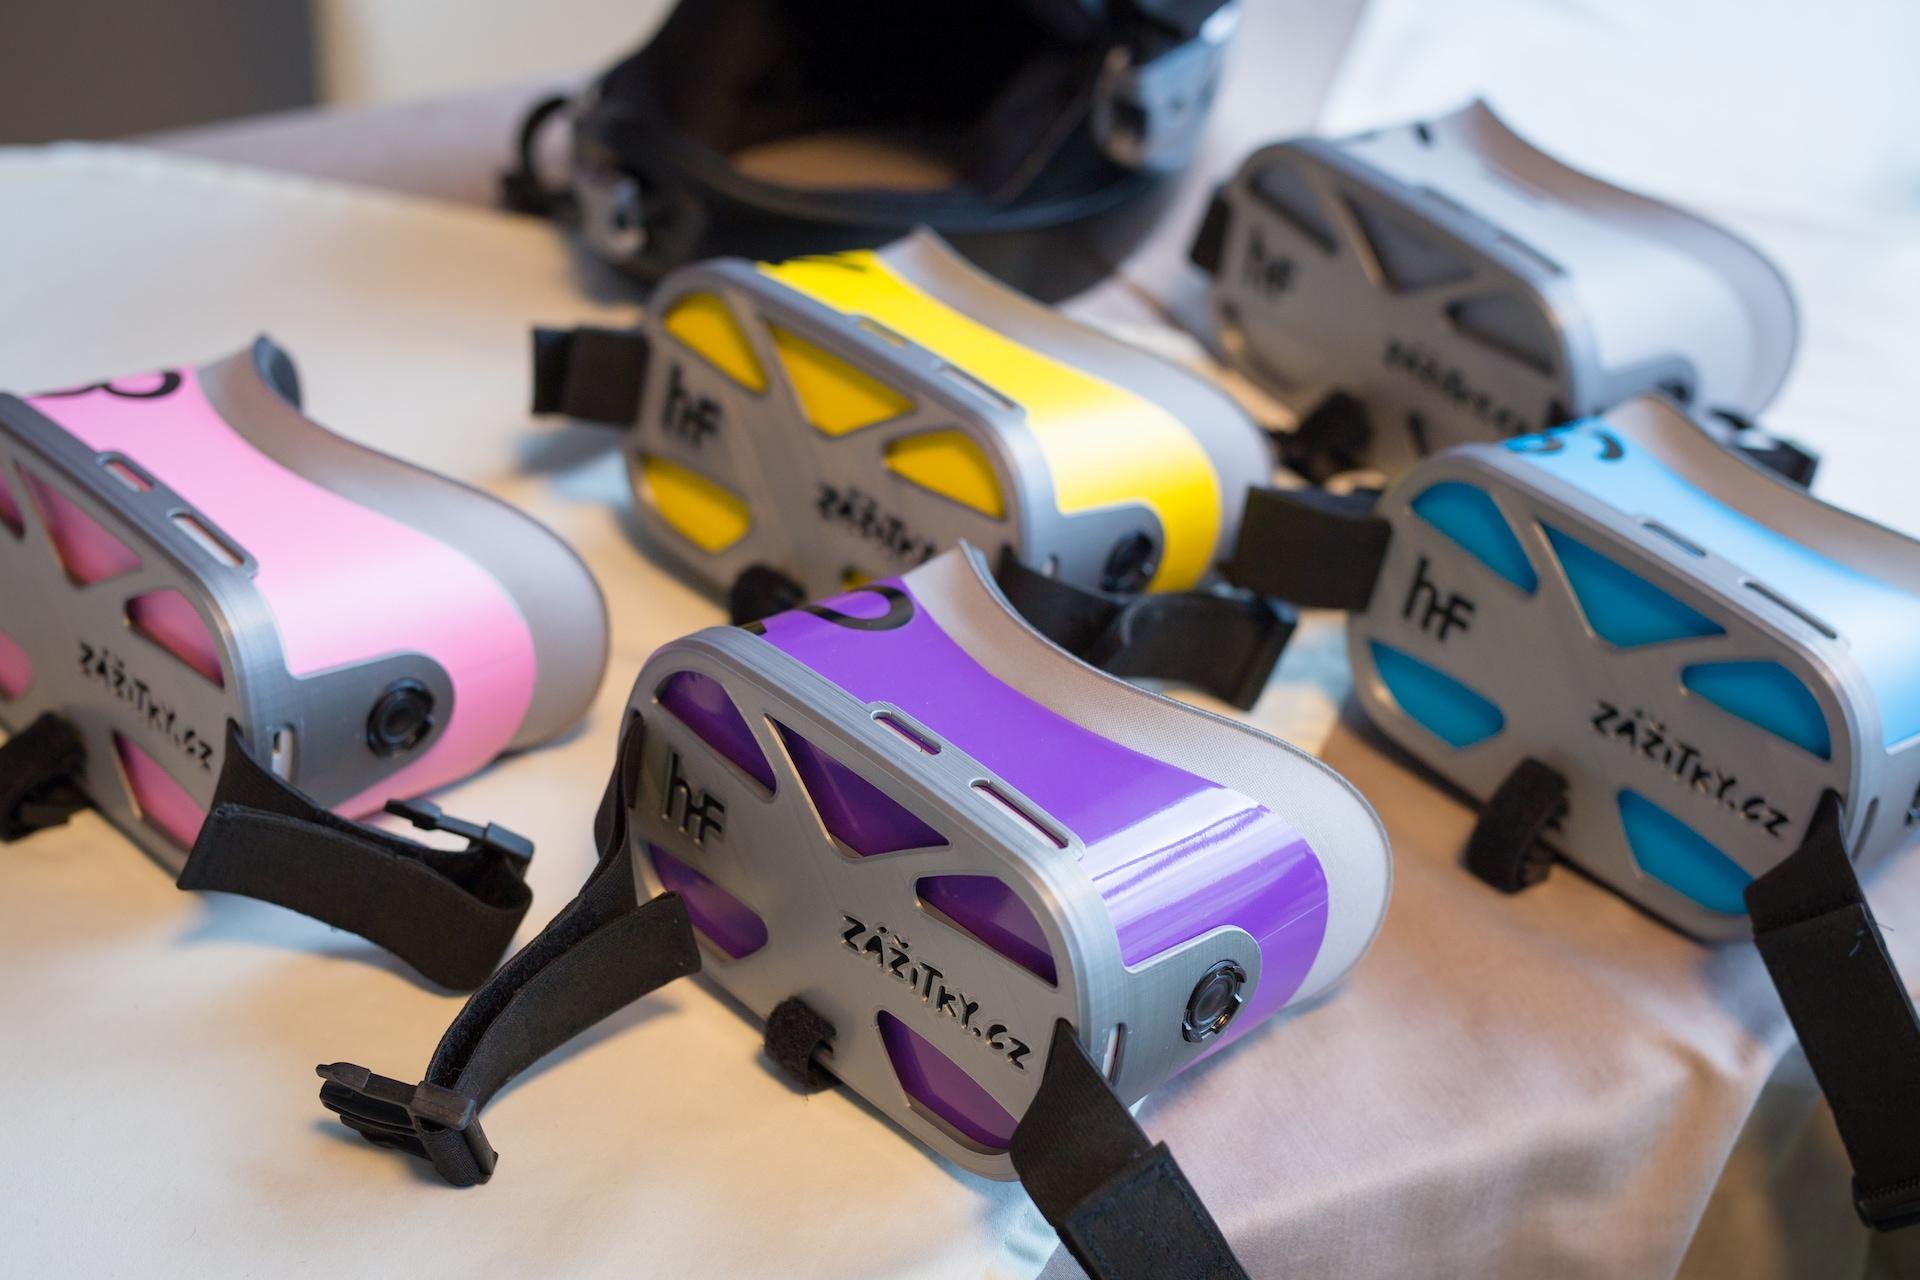 Ve větrném tunelu se využívají VR brýle Oculus Go